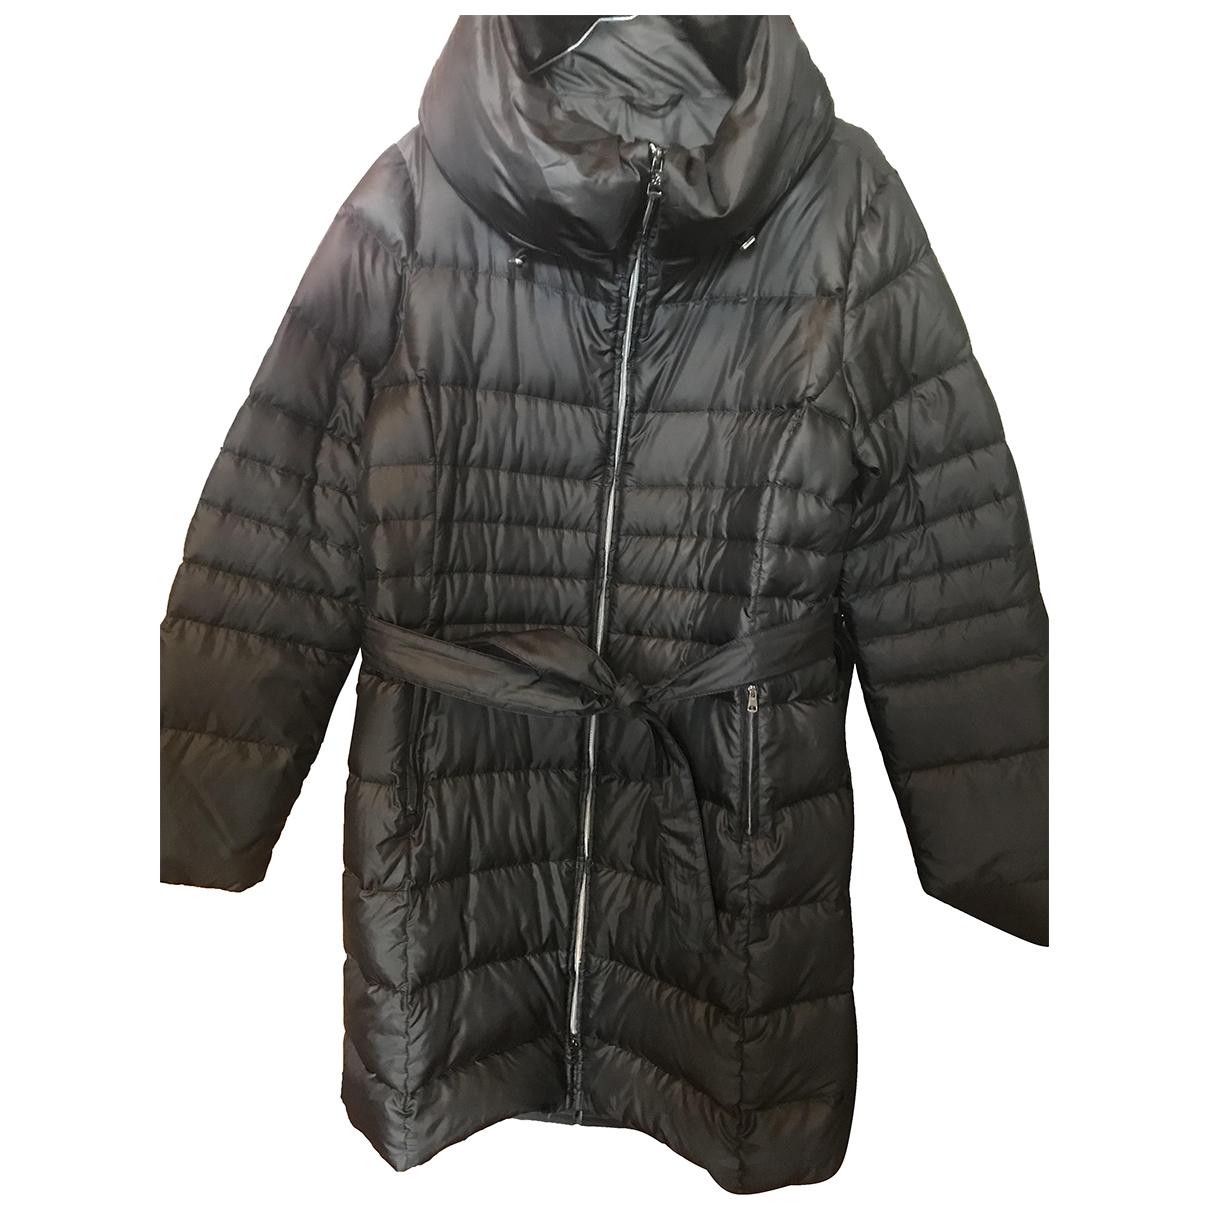 Max Mara \N Black coat for Women 50-52 IT